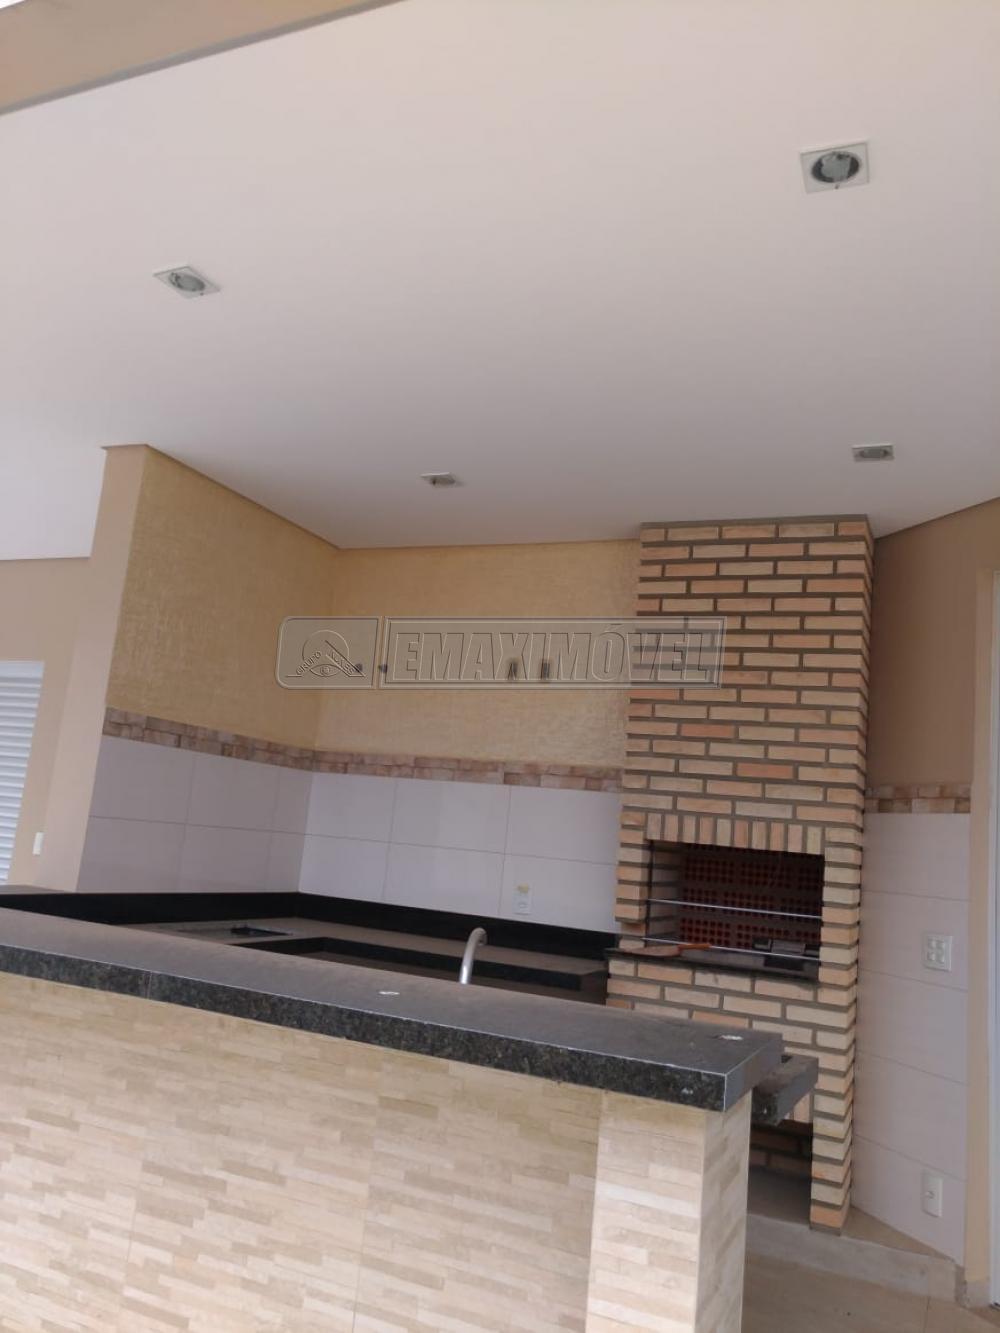 Comprar Casas / em Condomínios em Sorocaba apenas R$ 1.050.000,00 - Foto 14